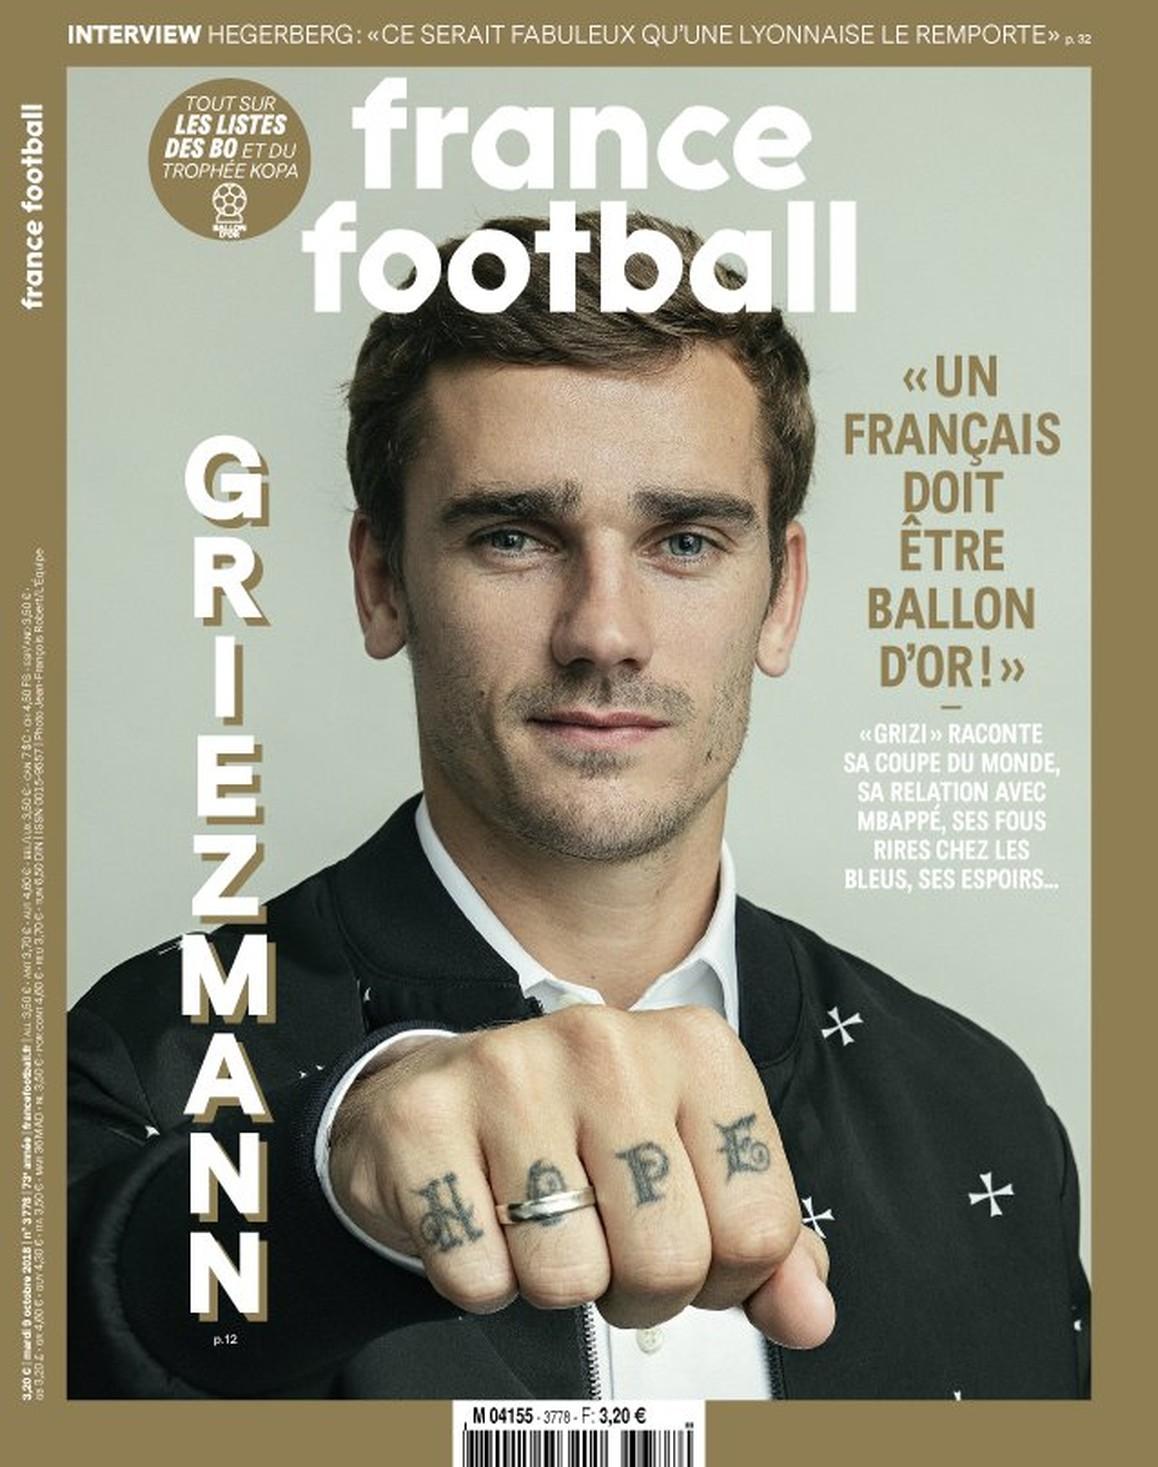 """France Football dá destaque a Griezmann na capa: """"Um francês deve ganhar a Bola de Ouro"""""""